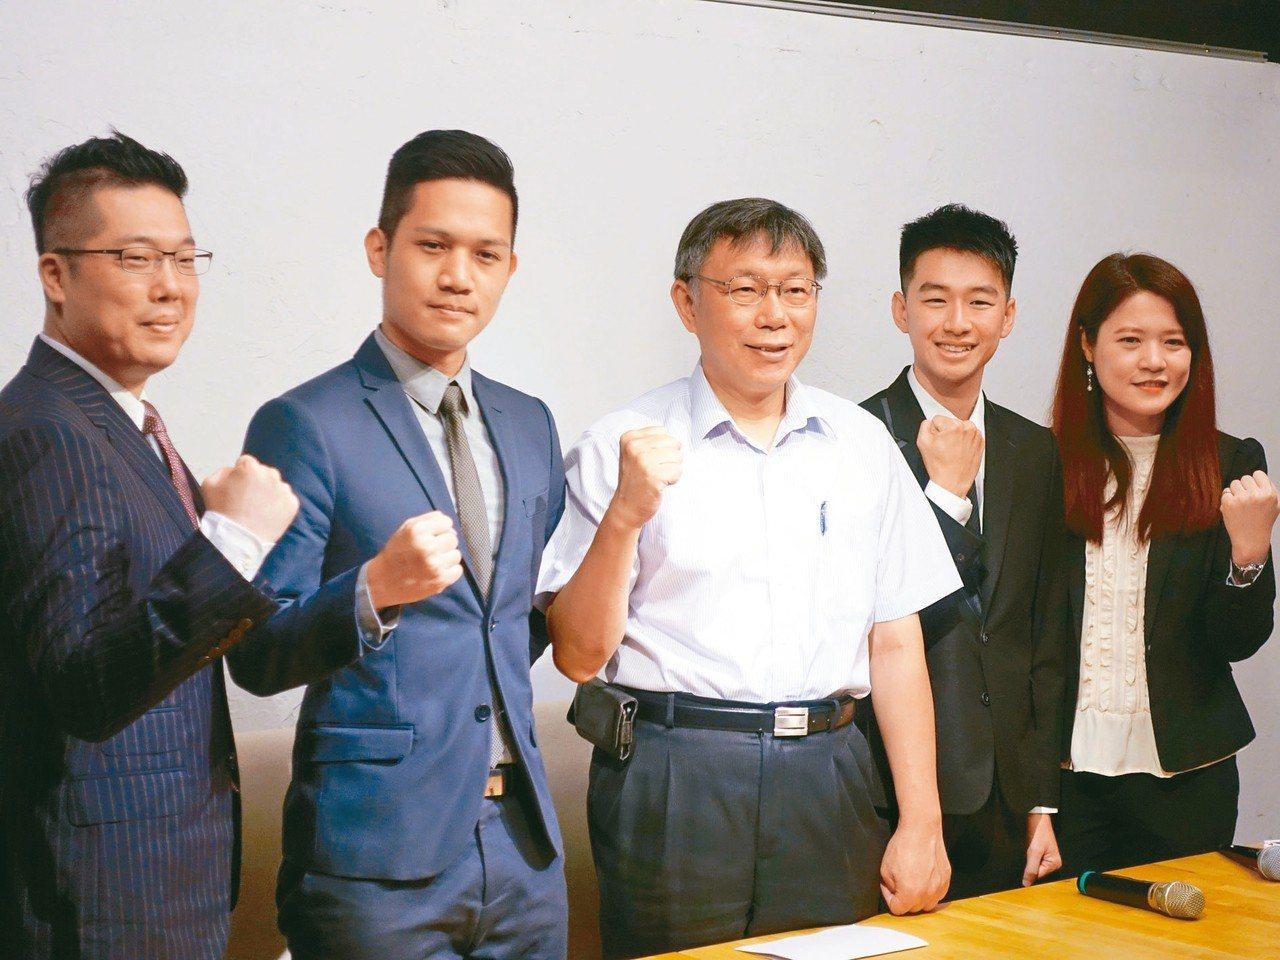 林昆鋒(左一)、楊笙(左二)、蔡峻維(右二)及林筱淇(右一),4人將合組「發言人...